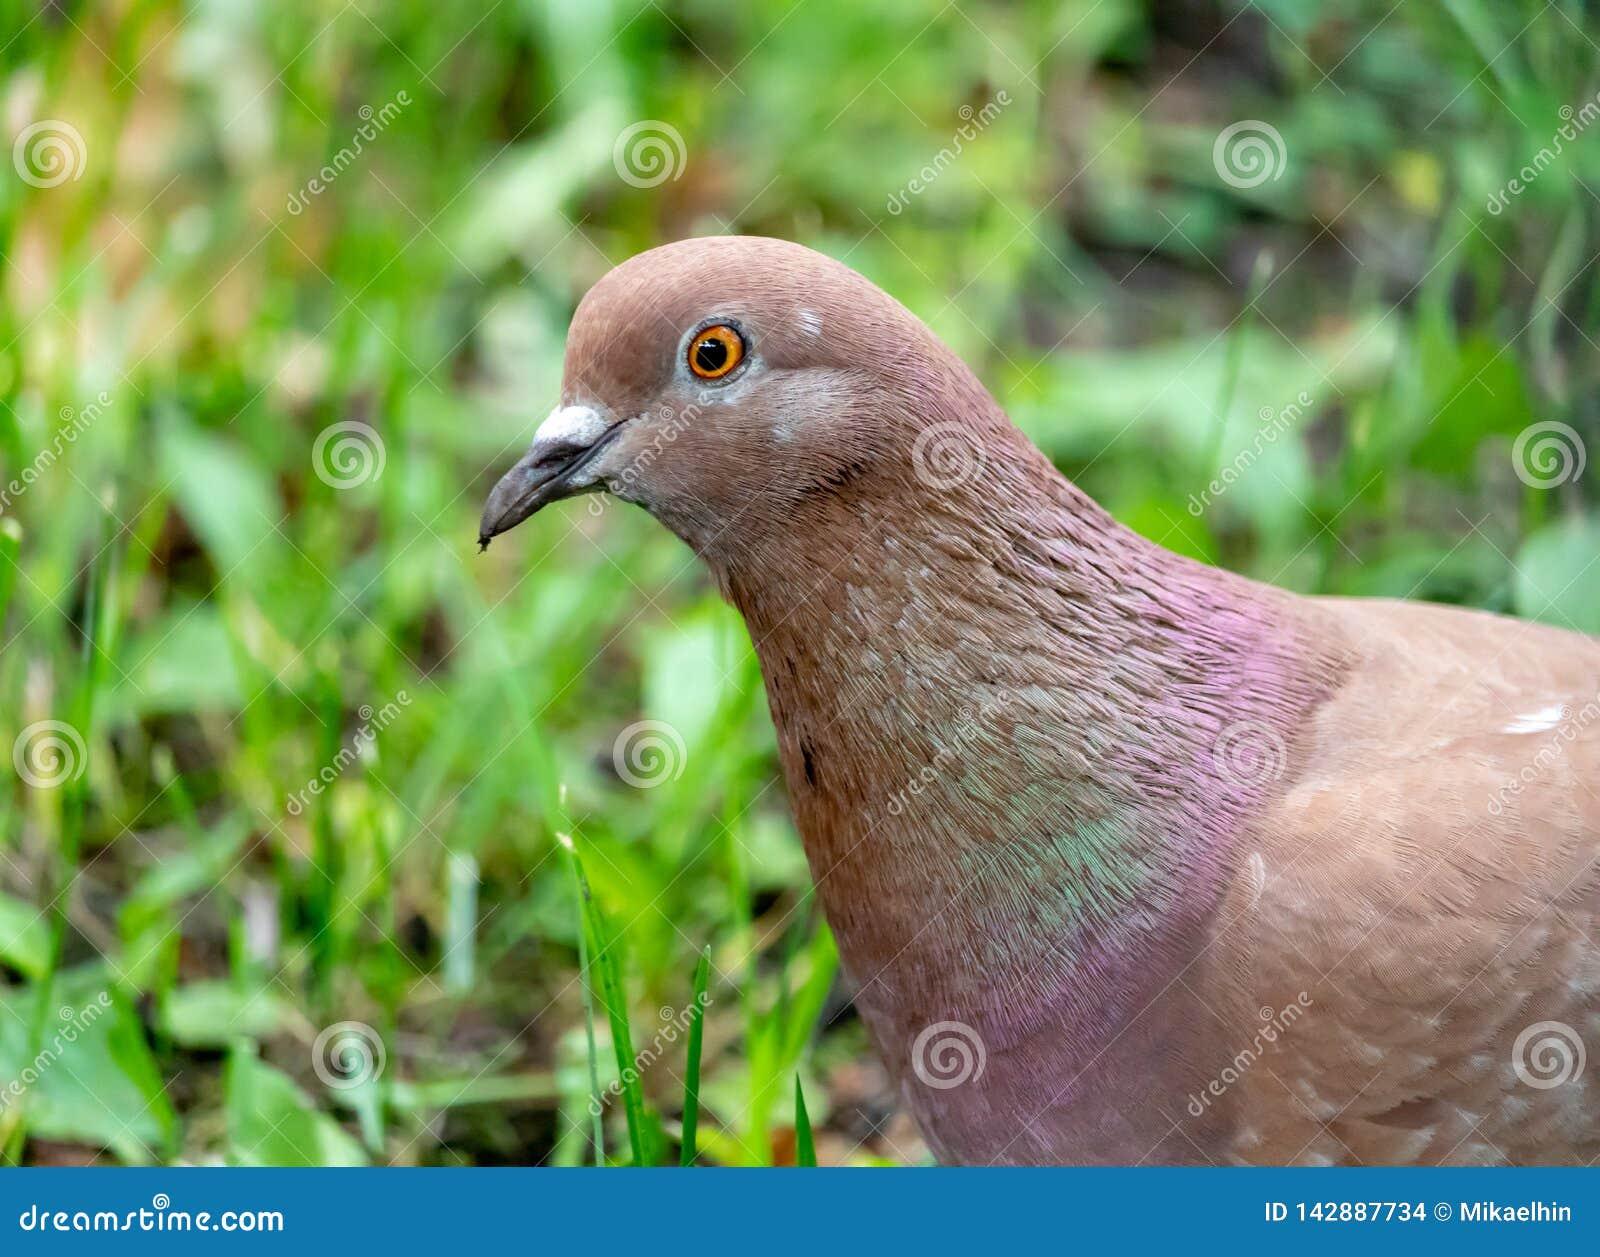 Portret van bruine duif in groen gras